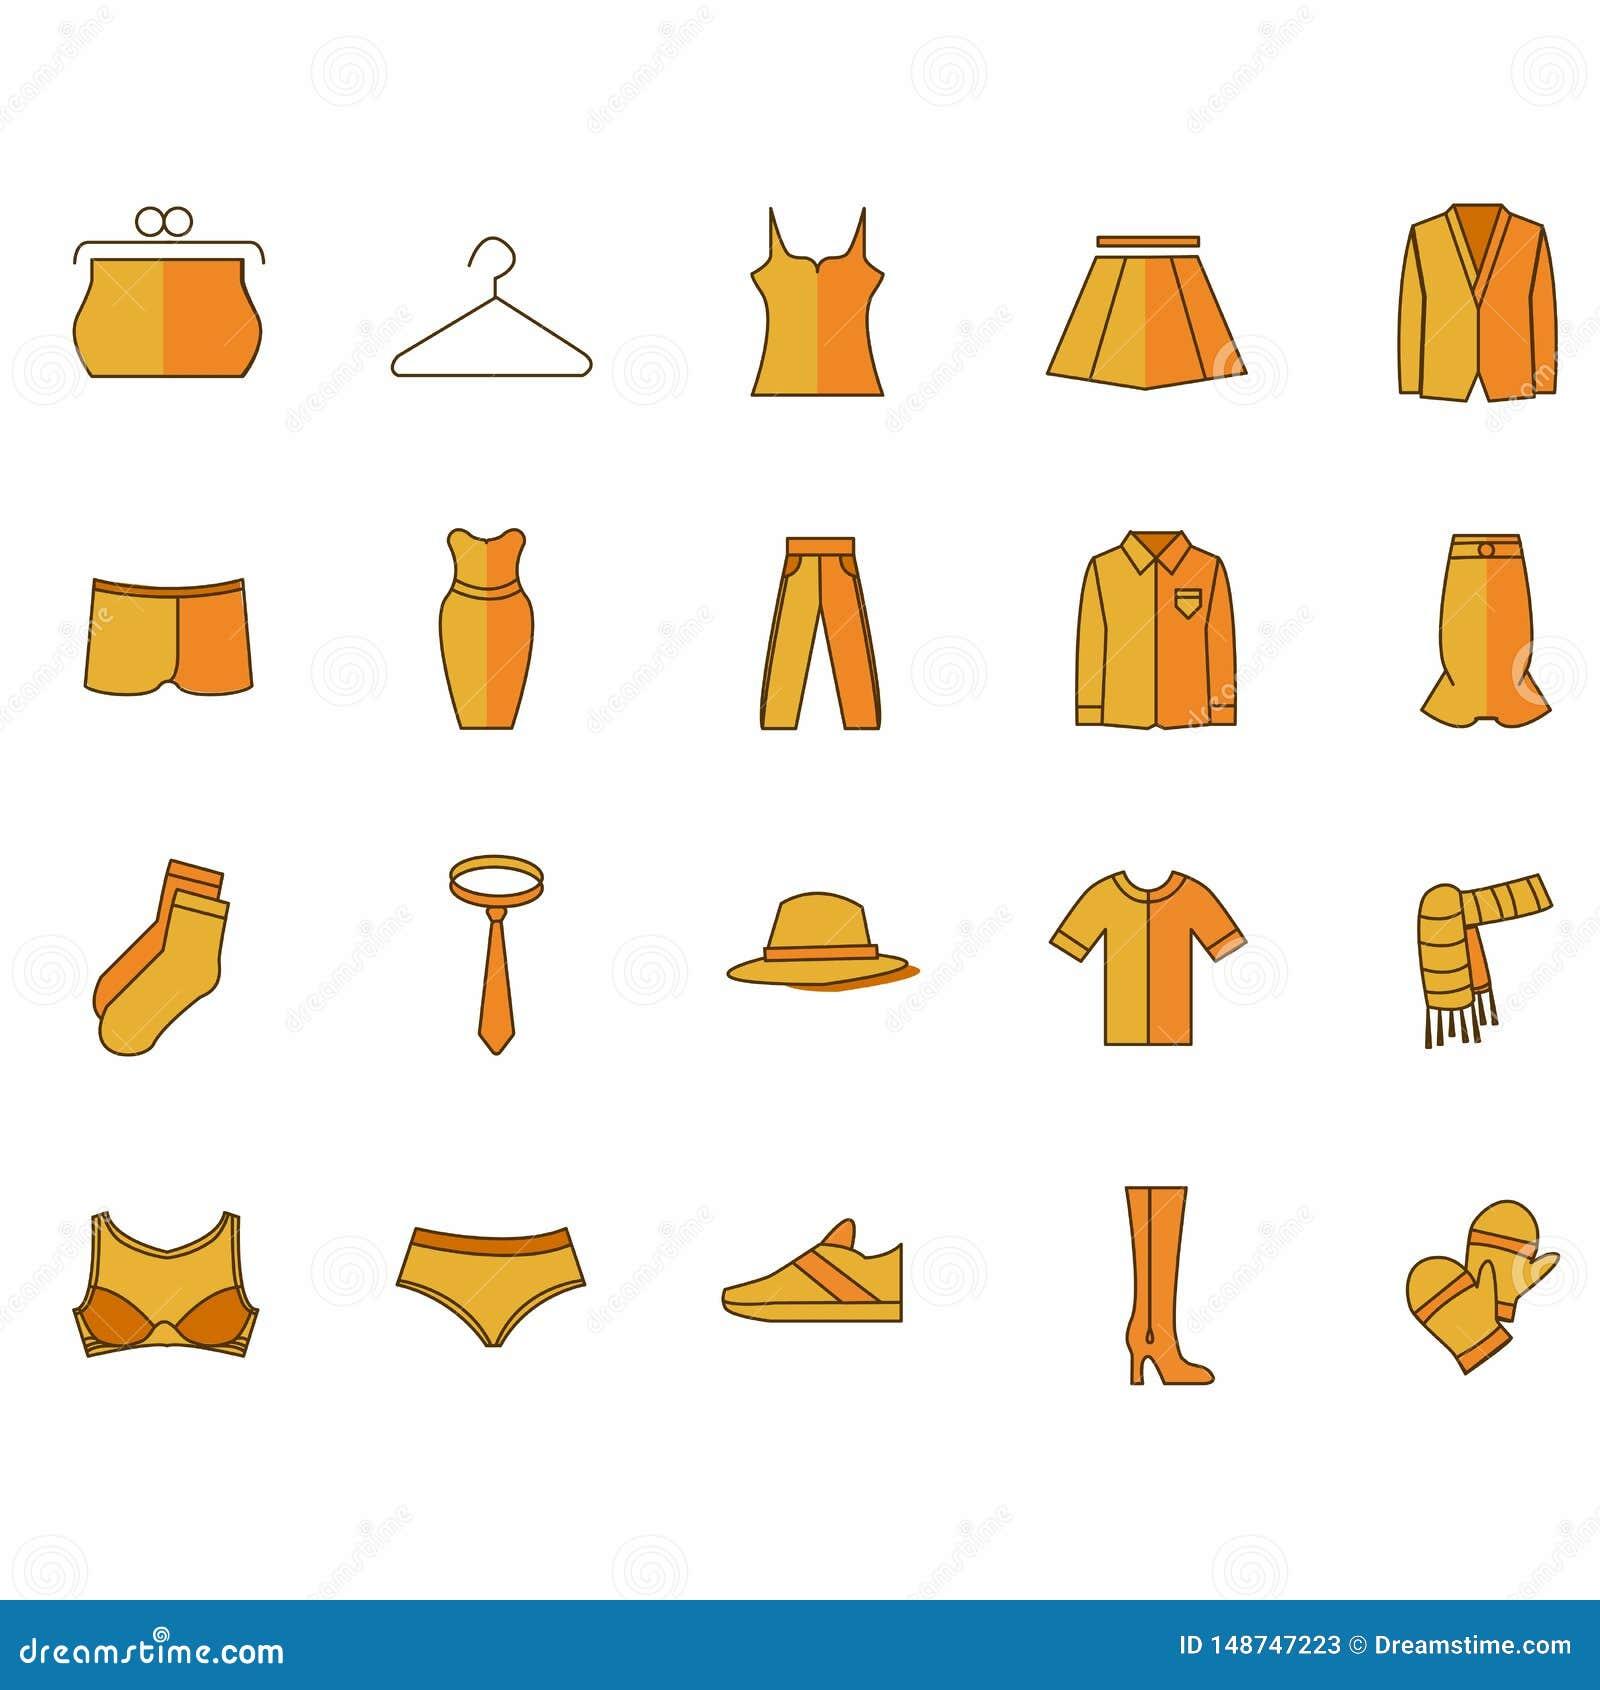 Iconos con ropa del color amarillo